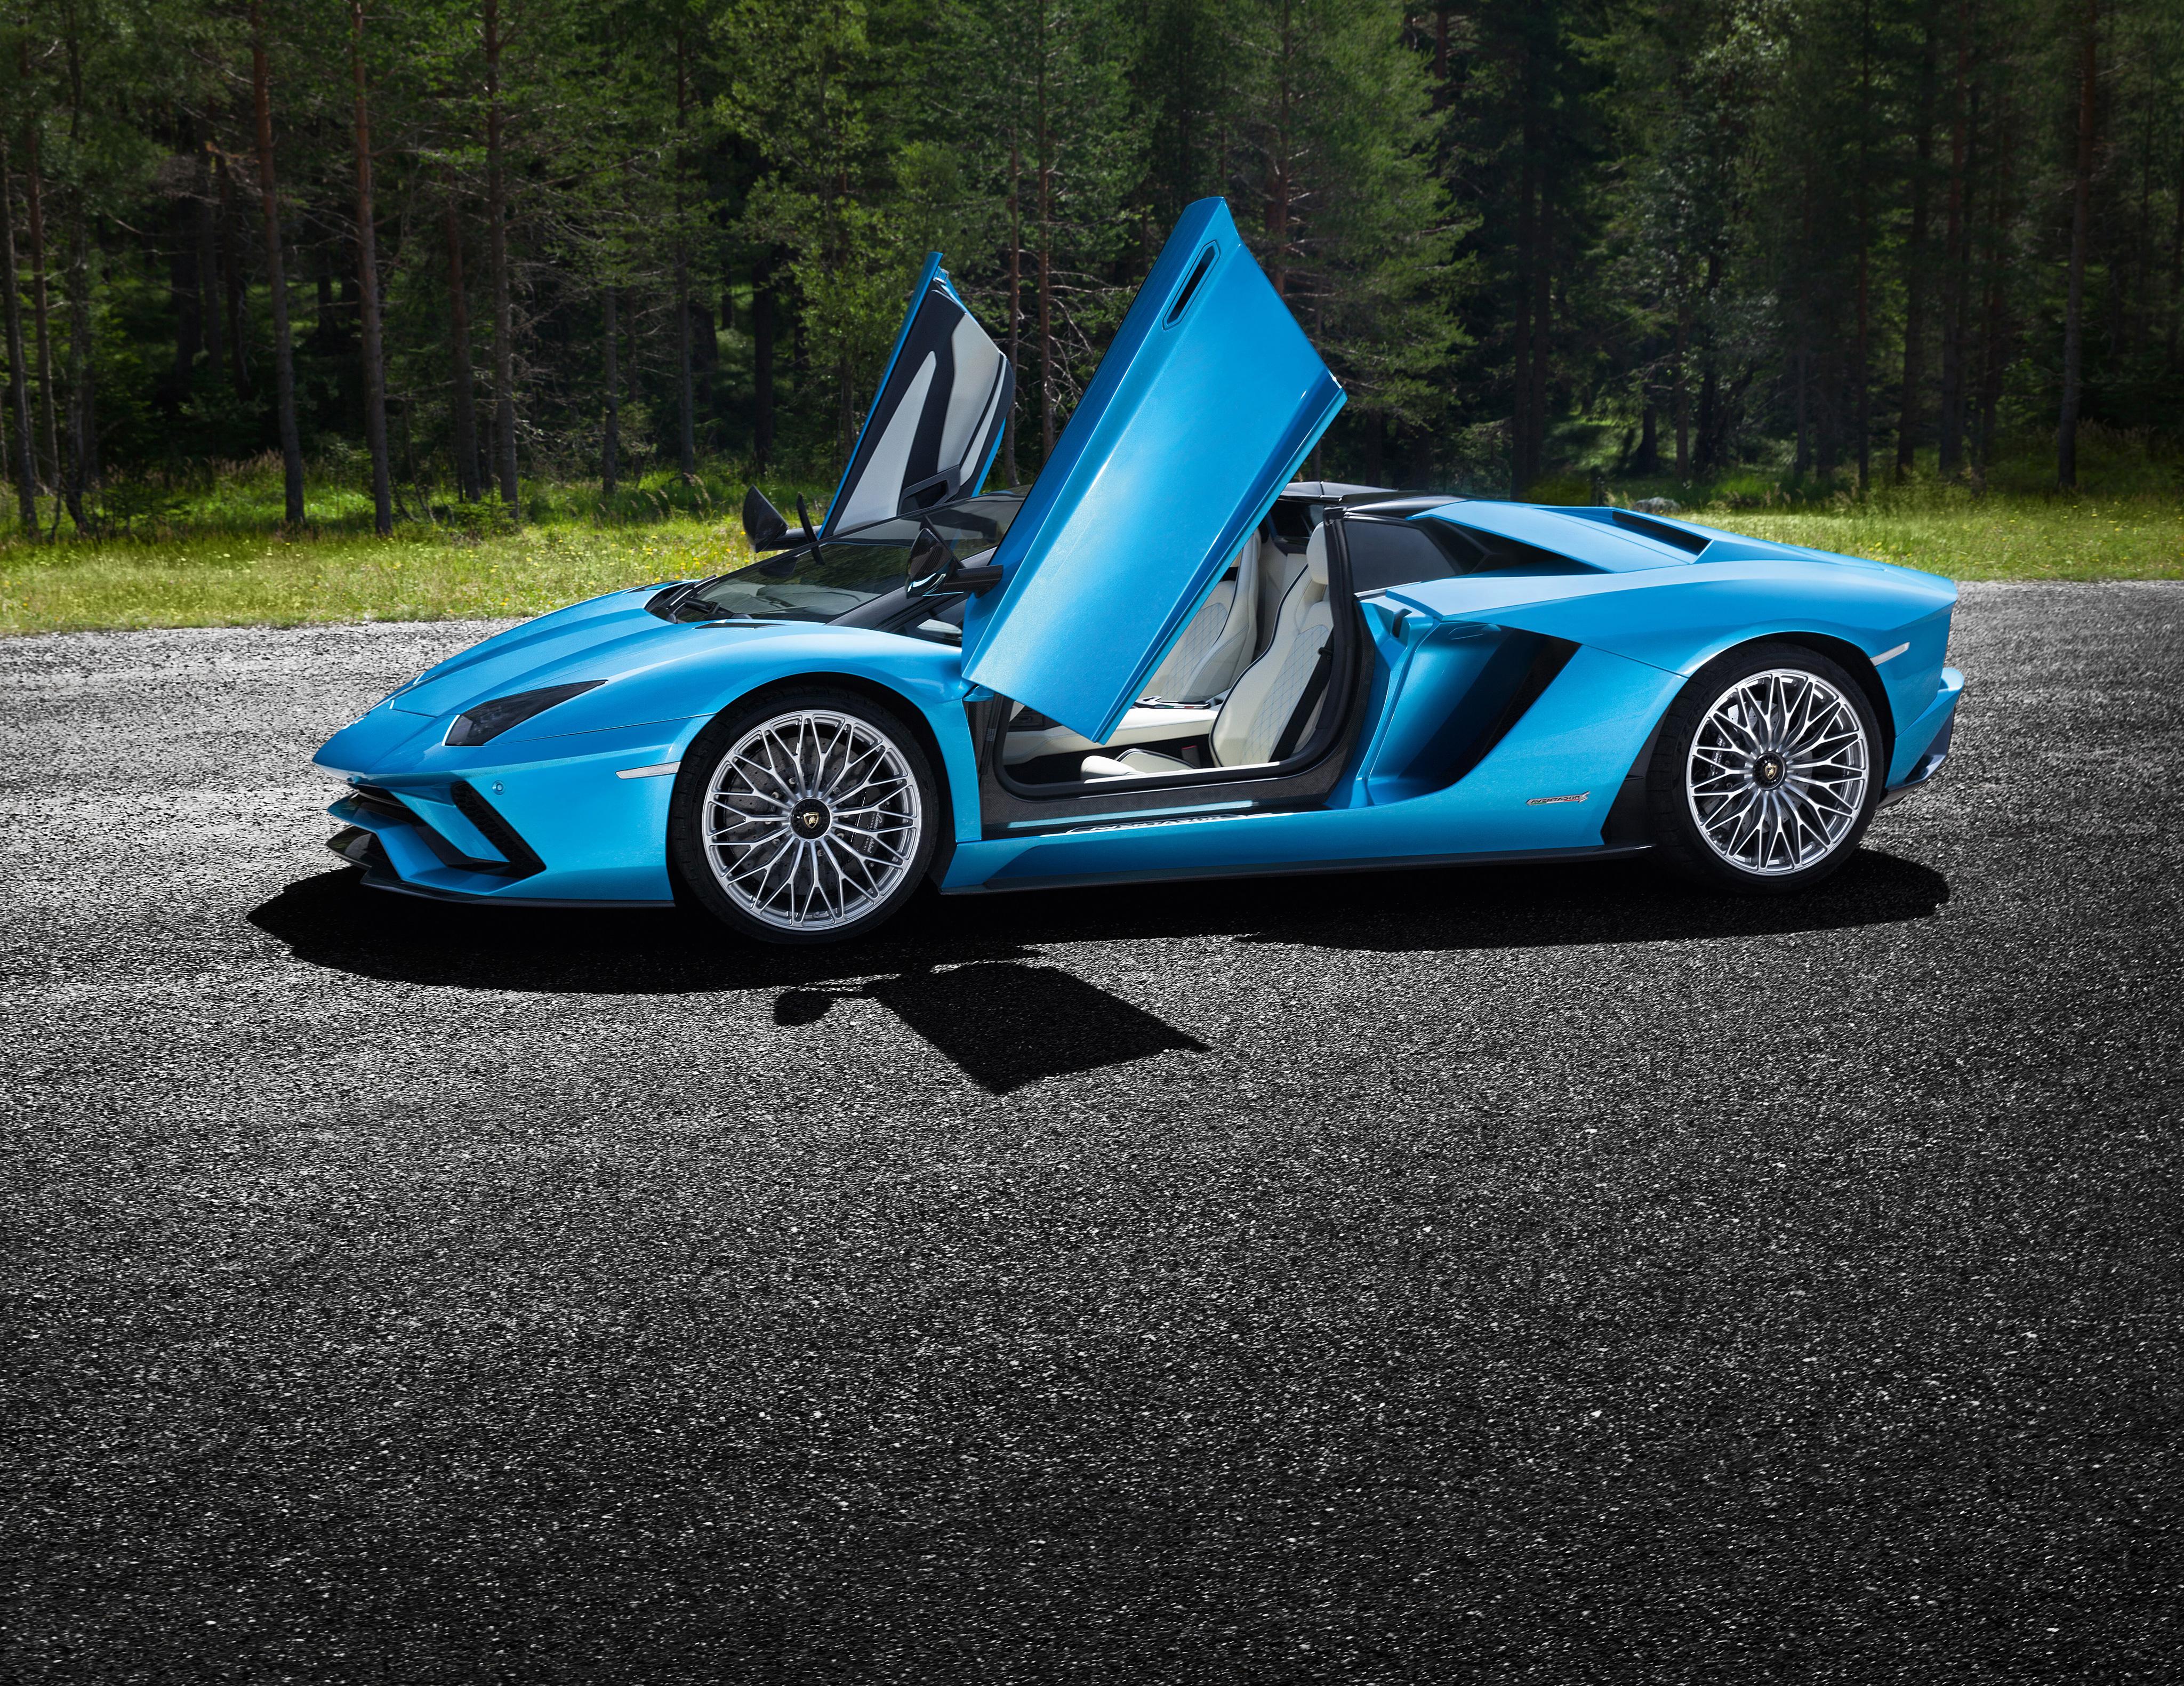 Lamborghini Aventador Green 4k Hd Cars 4k Wallpapers: Lamborghini Aventador S Windows Open 4k, HD Cars, 4k